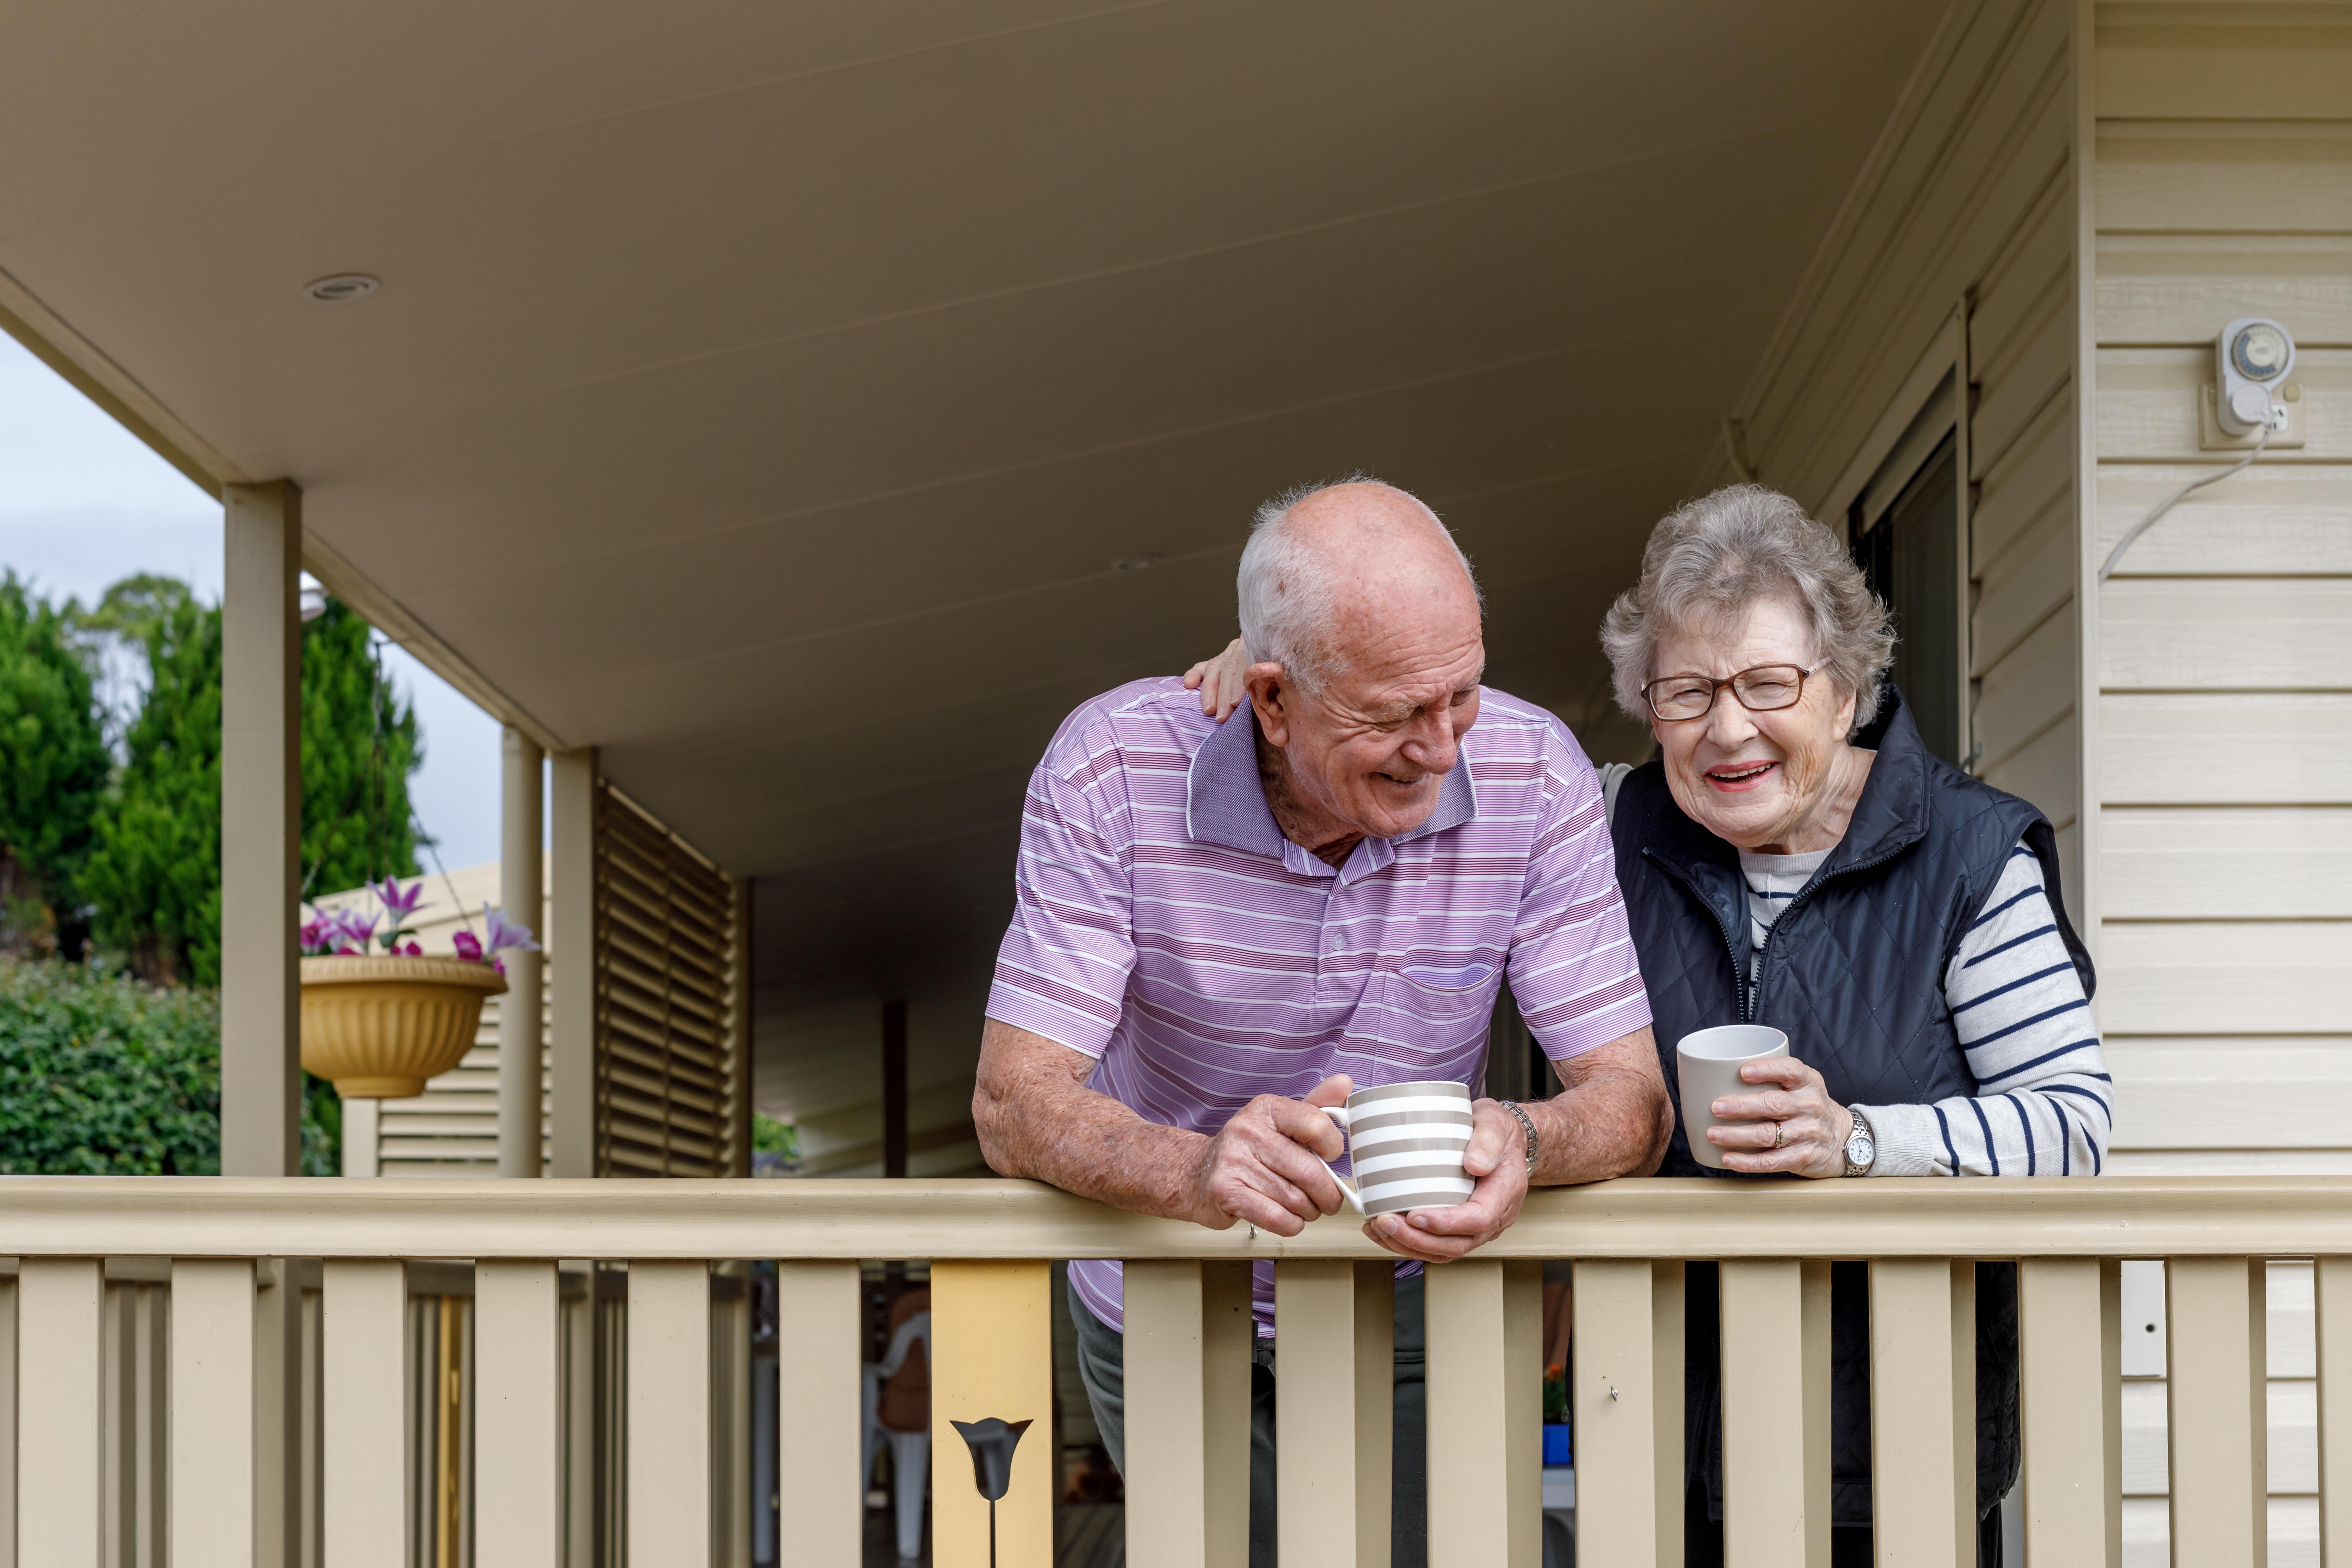 <p>&quot;Много хора се страхуват от остаряването, но резултатите от допитването показват, че няма защо да се тревожат и че трябва да гледат с оптимизъм напред&quot;, казва Мартин Джоунс, главен изпълнителен директор на компанията, поръчала проучването.&nbsp;</p>